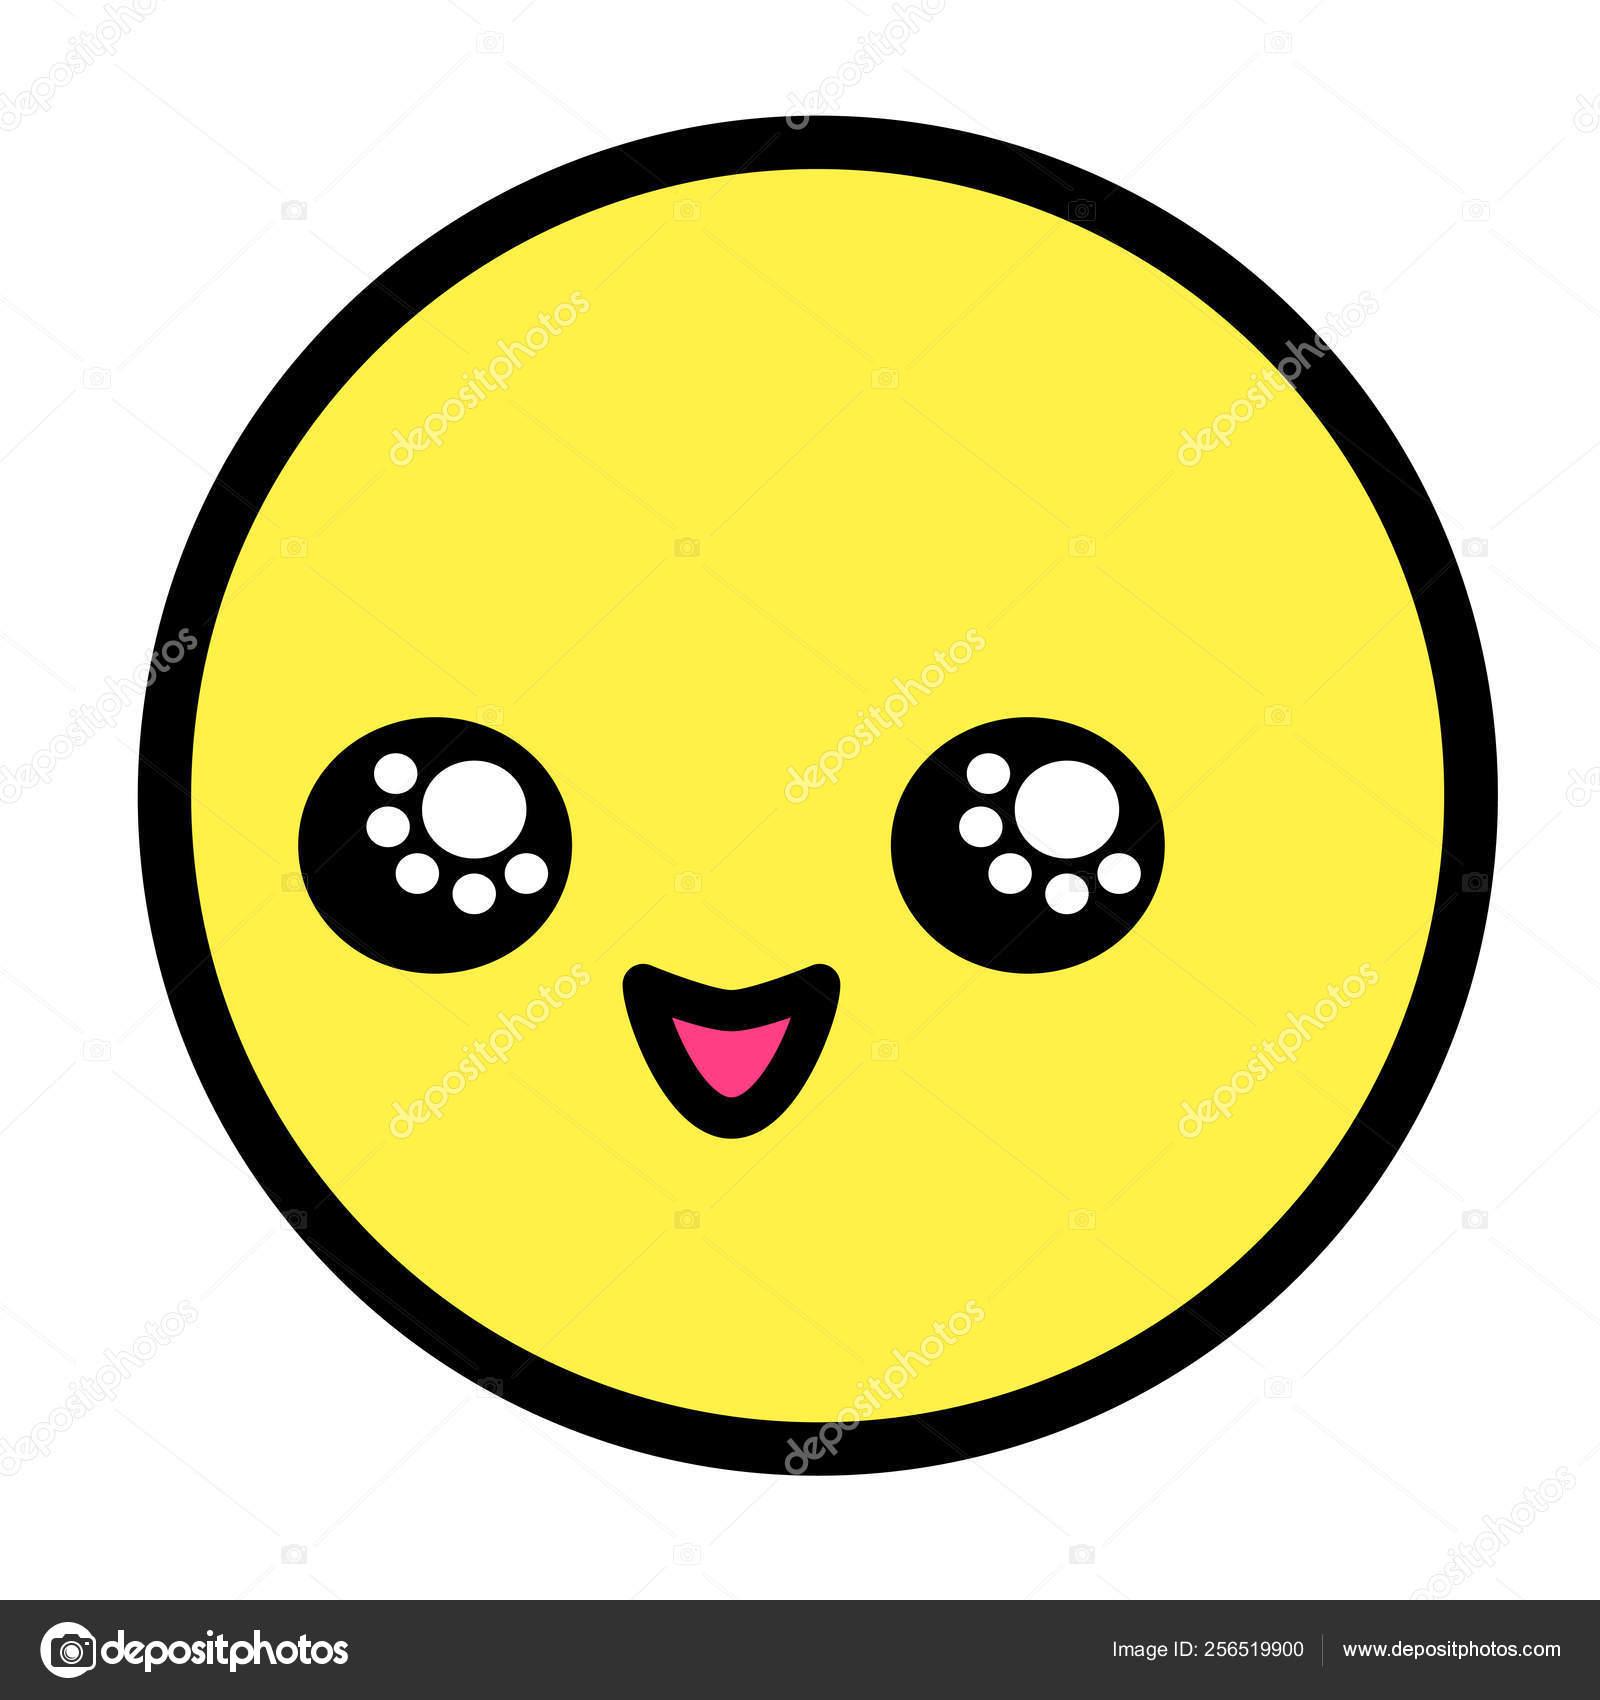 Kawaii Plat Emoji Visage Personnage Dessin Animé Drôle